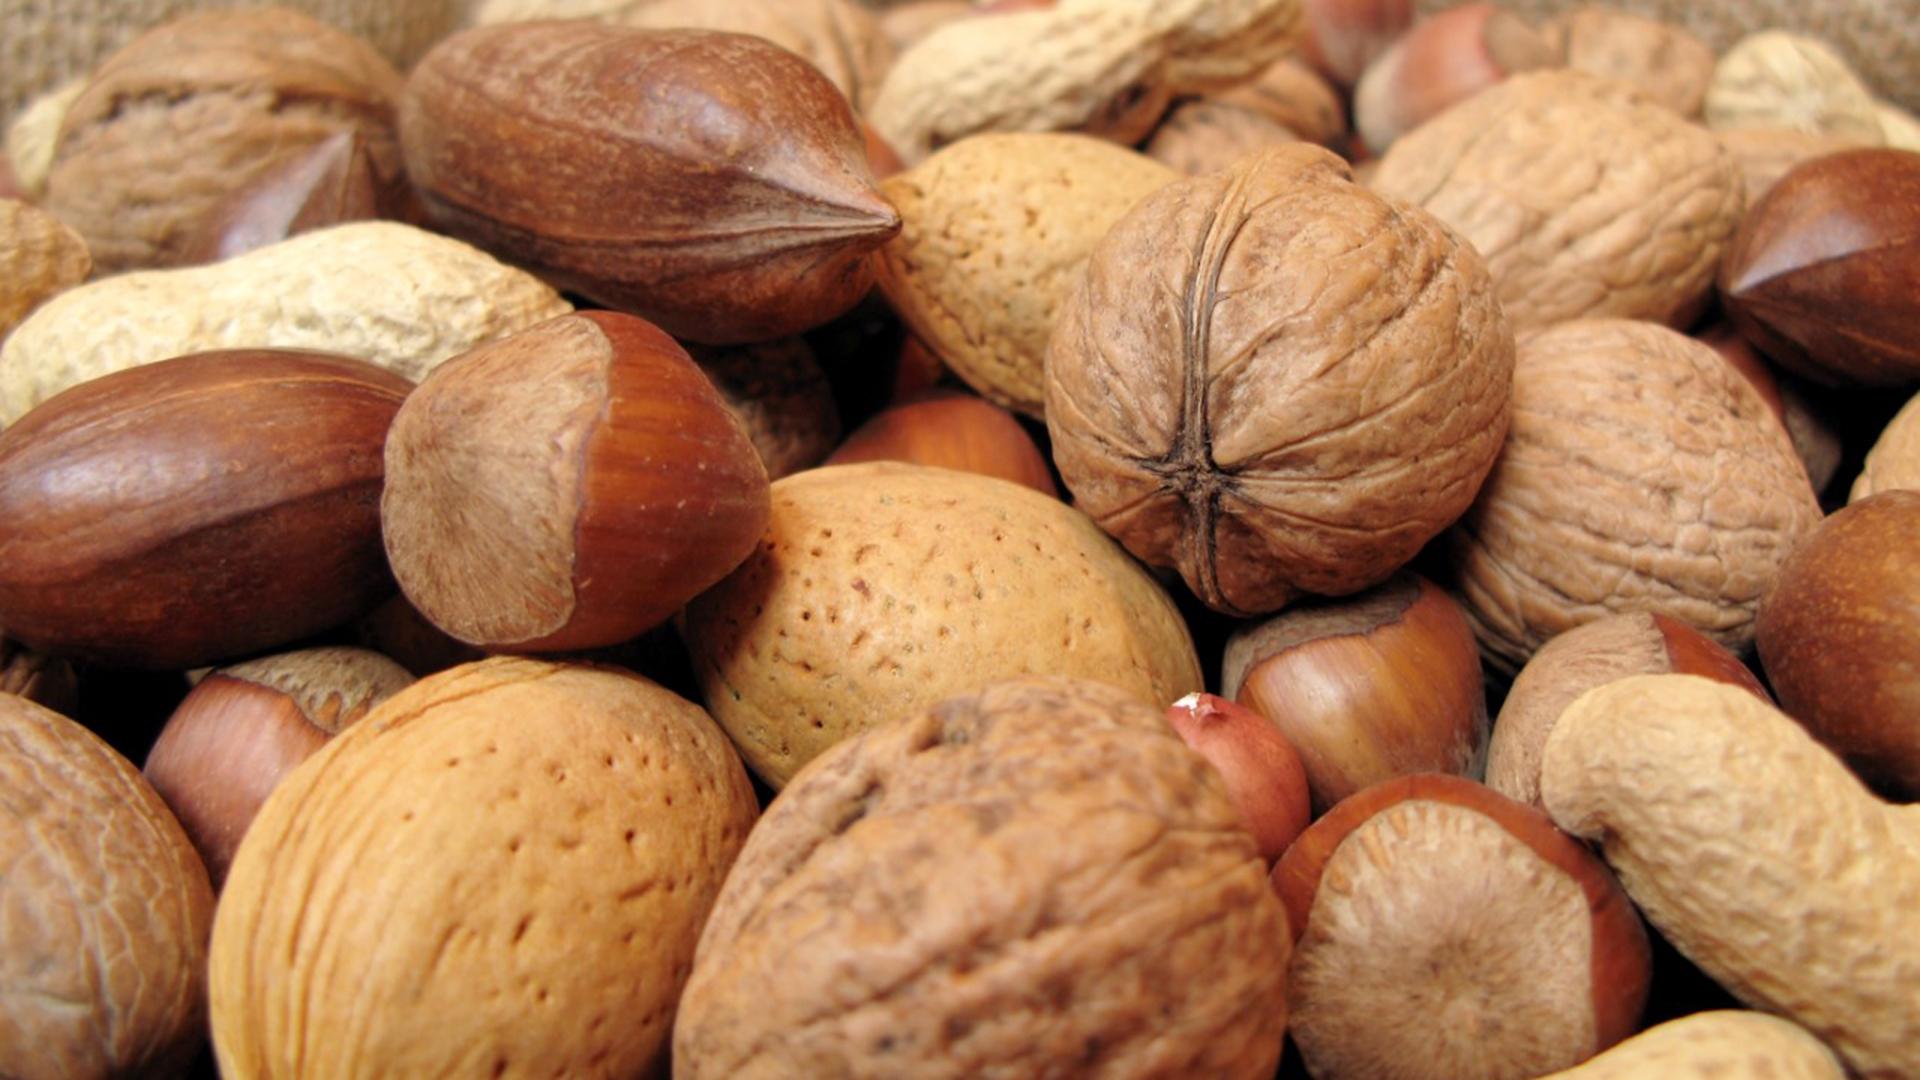 Los frutos secos son alimentos muy completos, con muchos minerales. Permiten reducir el colesterol y los triglicéridos